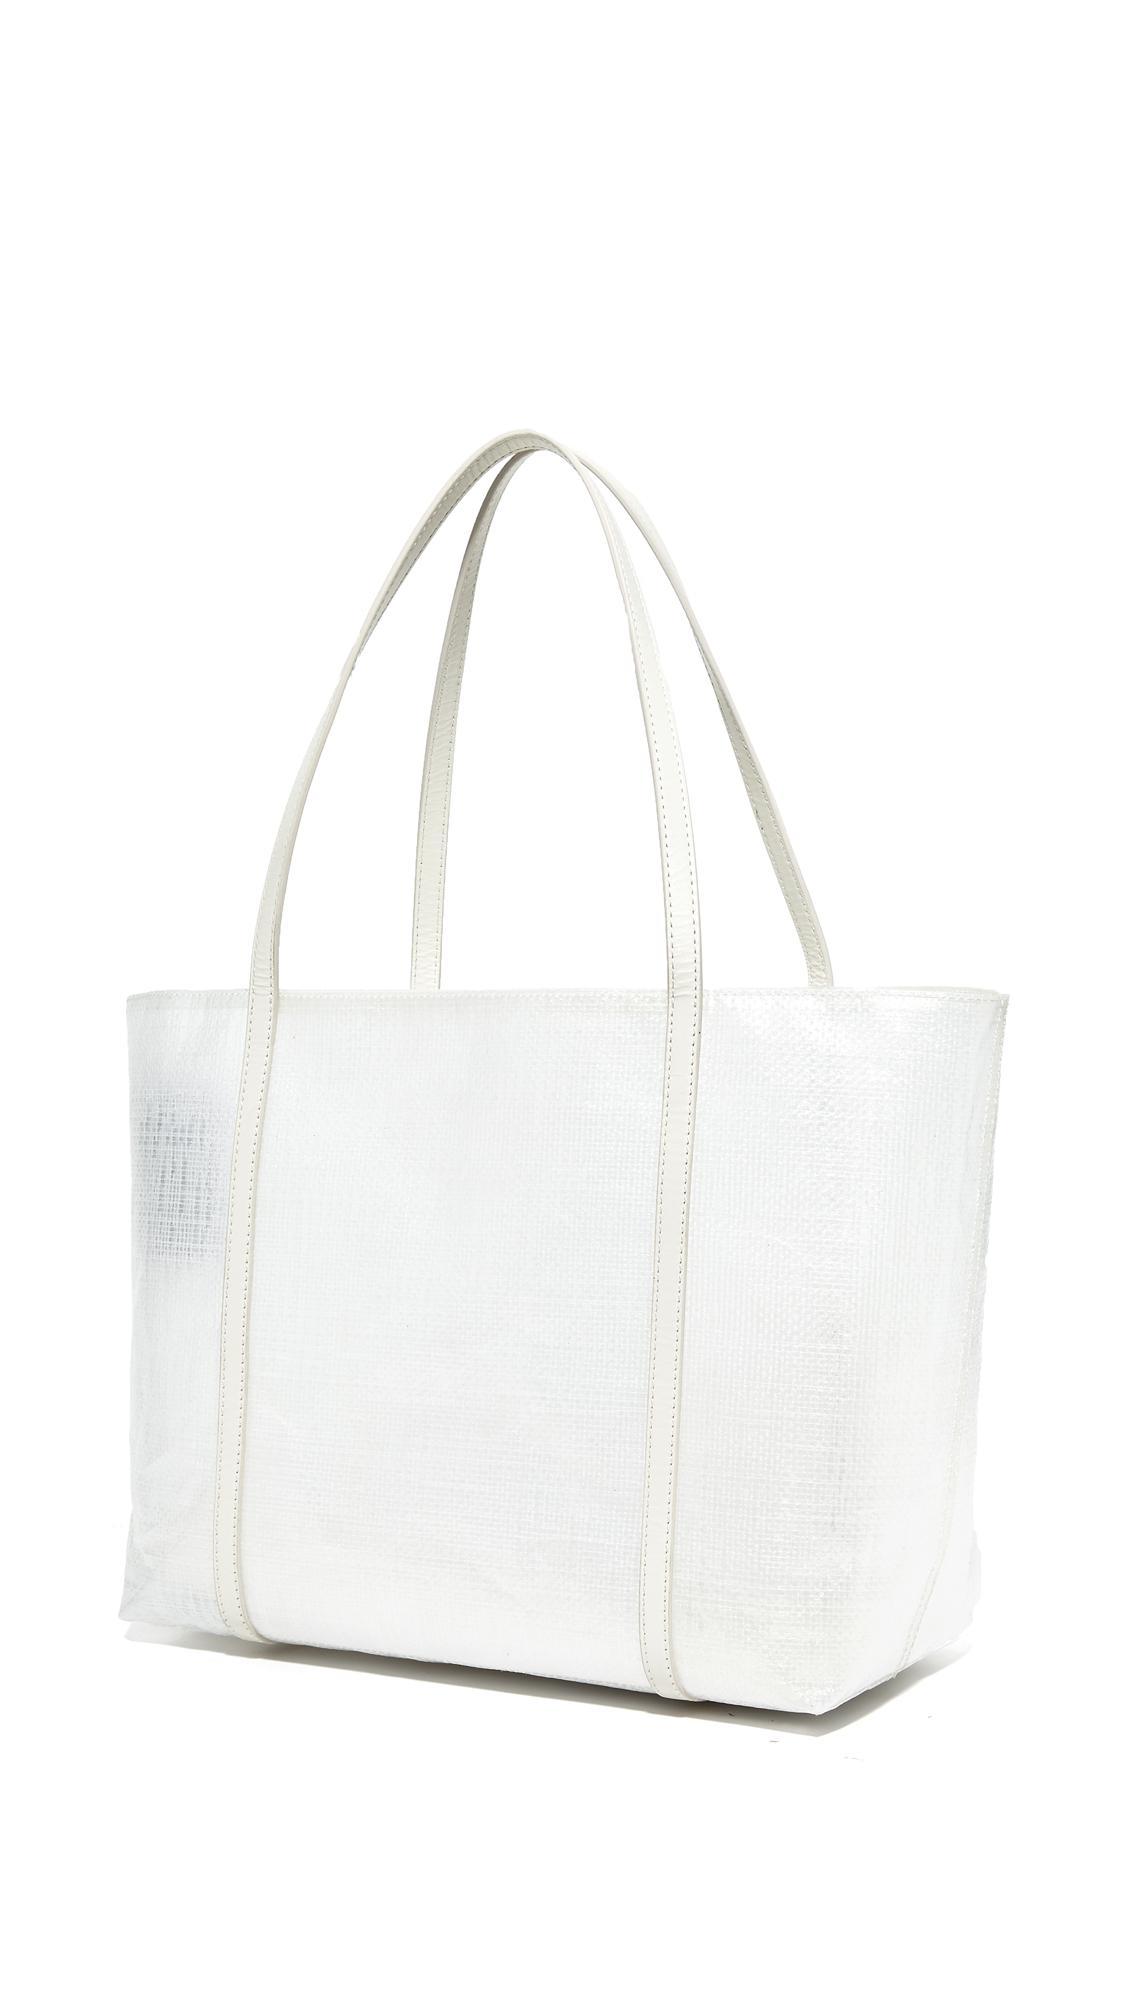 Kara Tarp Tote in White